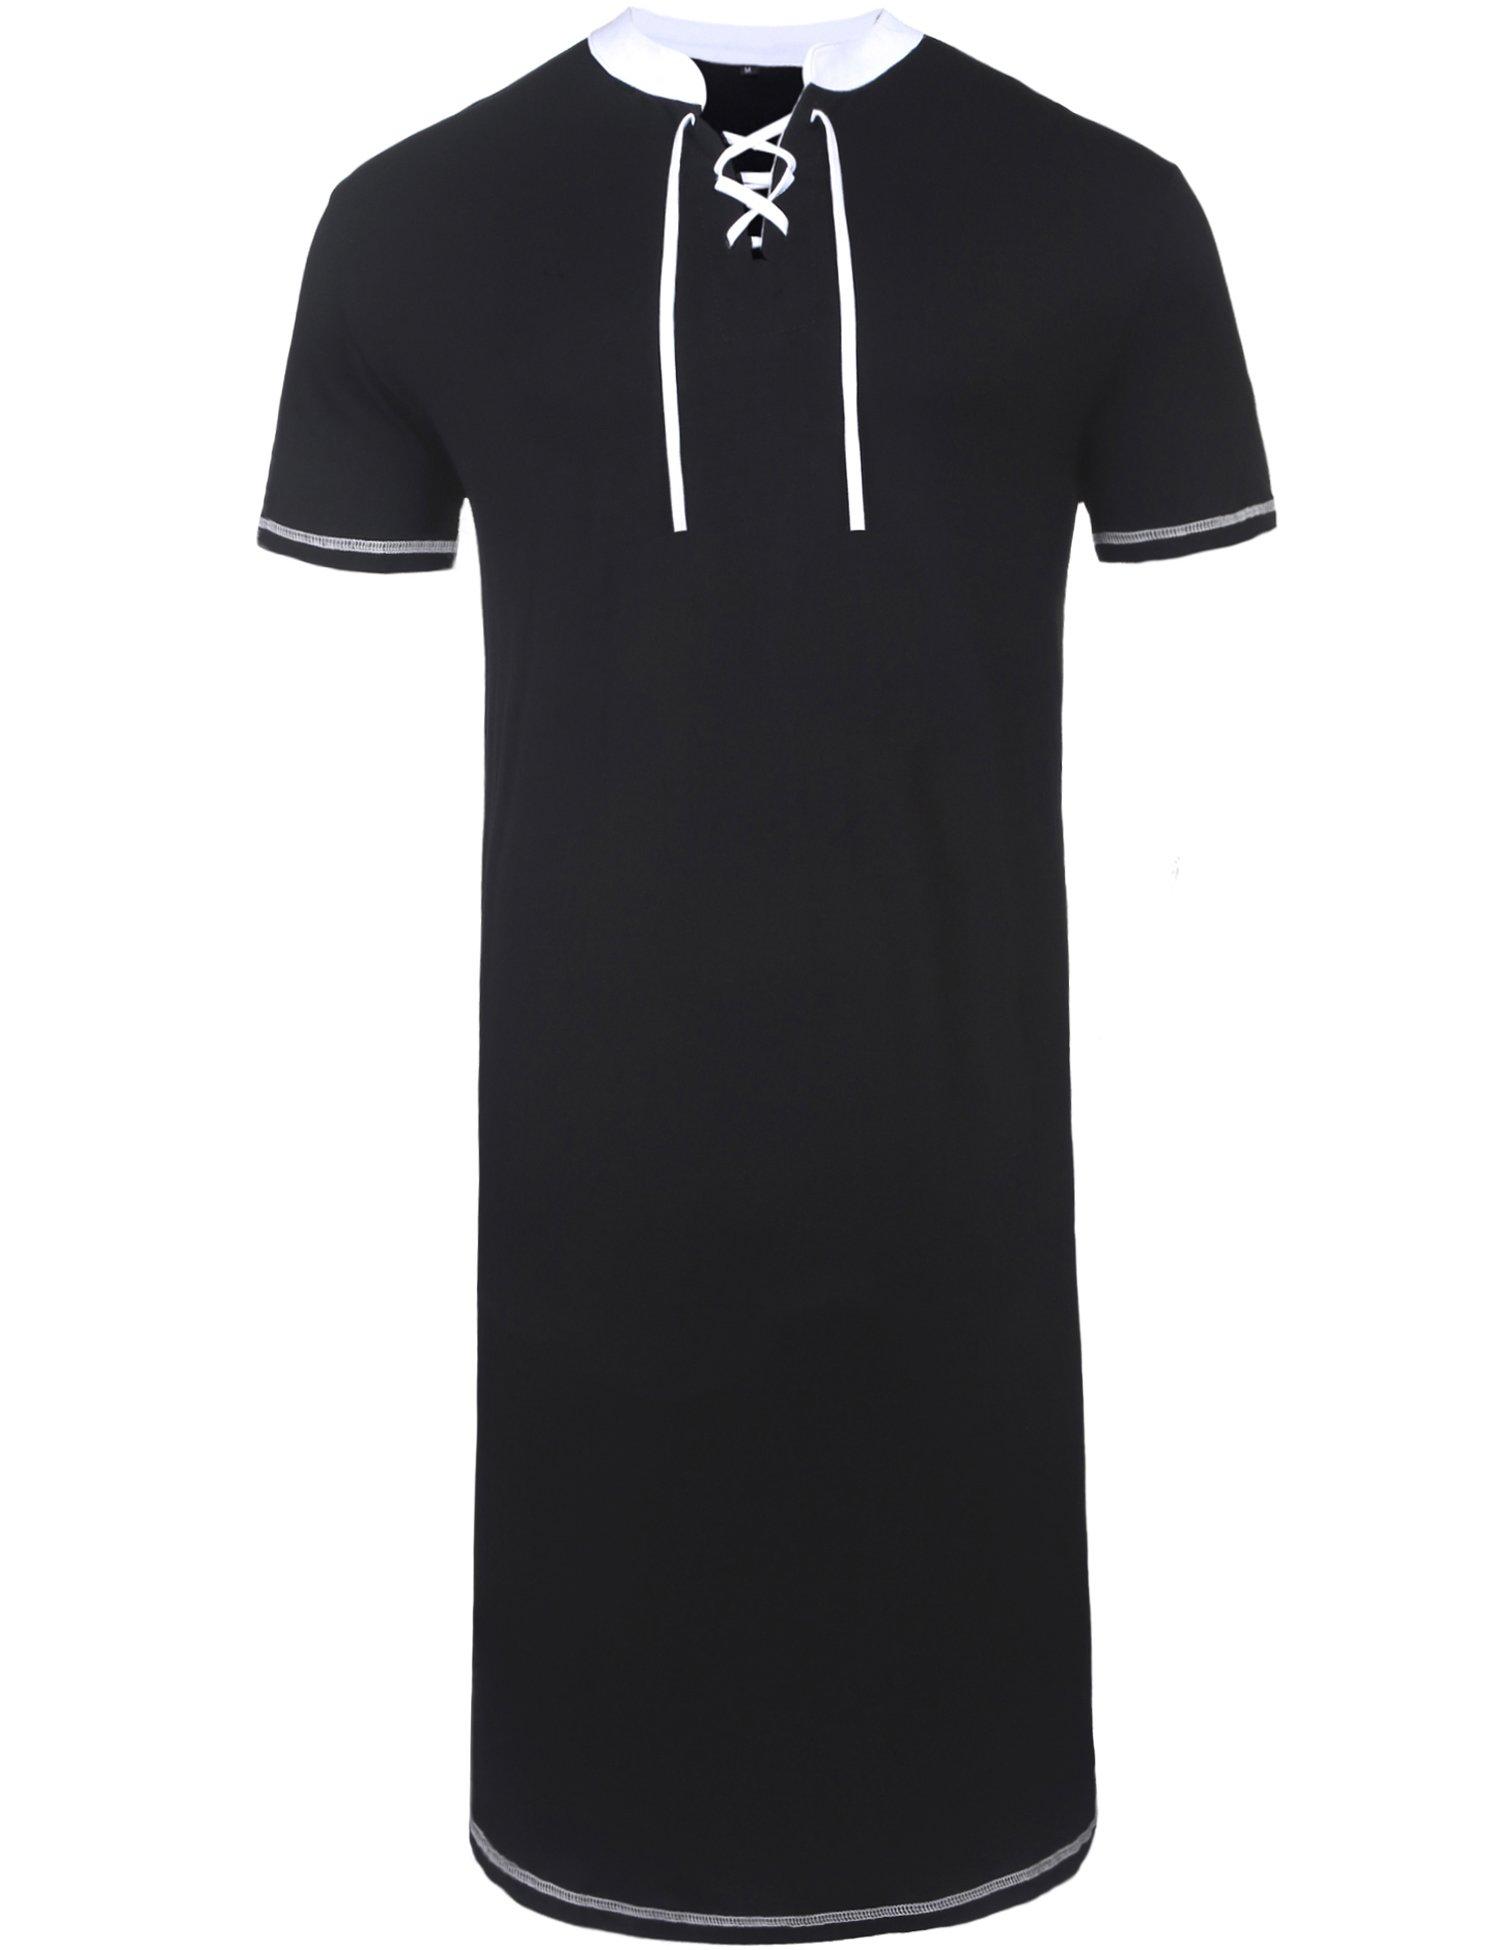 Daupanzees Men's Nightshirts Kaftan Night Shirt Short Sleeve Sleepwear Henley Sleep Shirt (Black M)